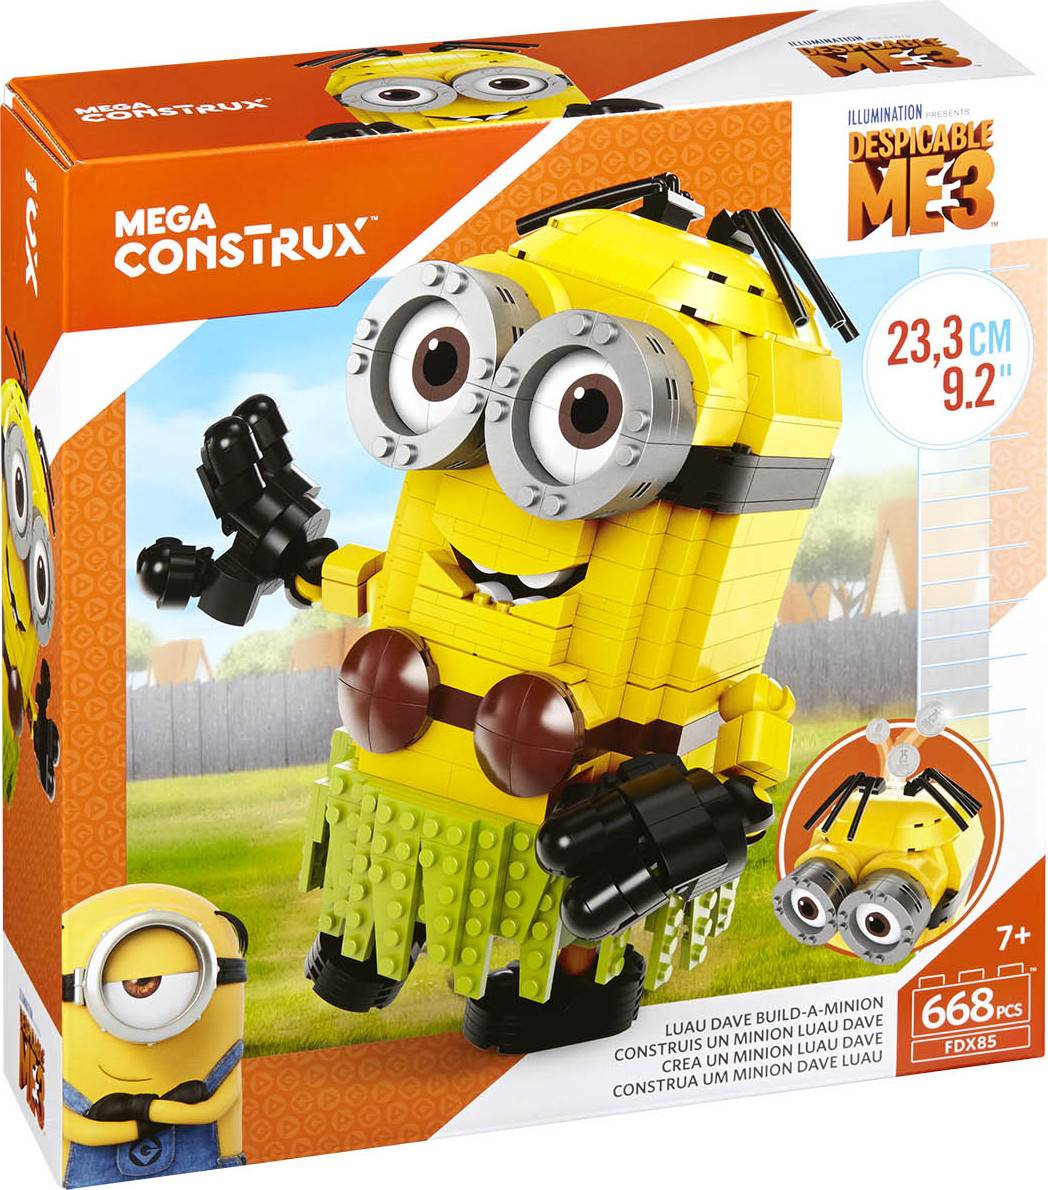 Fotografie MEGA BLOKS SESTAV SI MIMONĚ 25FDX85 Mattel